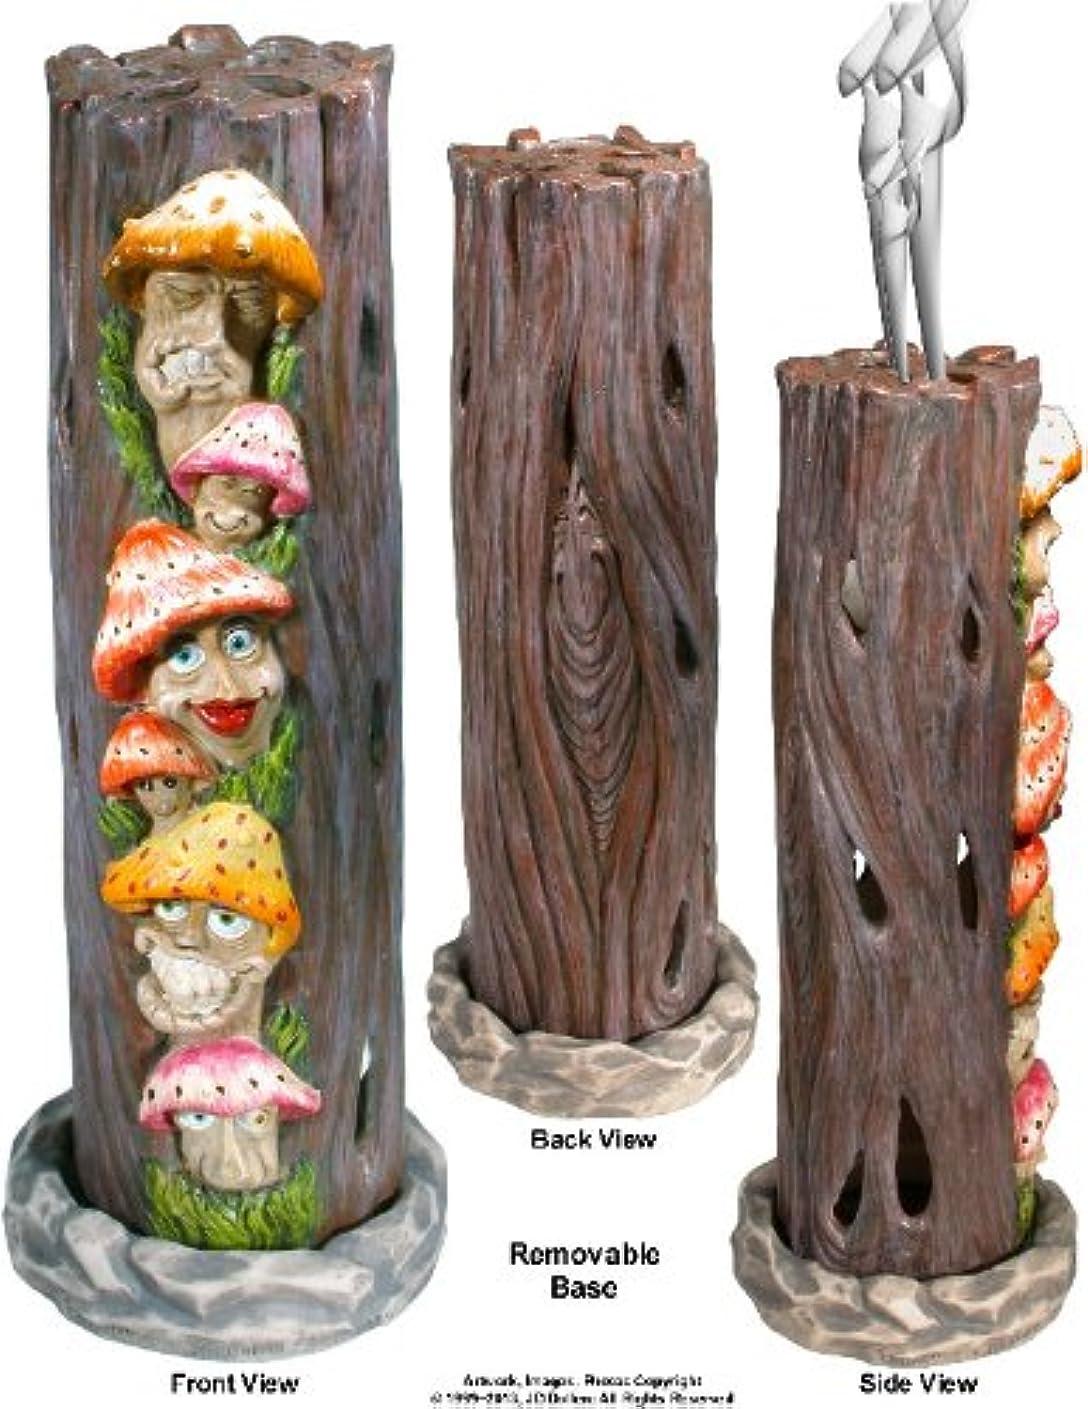 潜水艦電気技師欠乏Mushrooms Family inアリスWonderland SmokingタワーIncense burner-ashcatcher by Nose Dessertsブランド